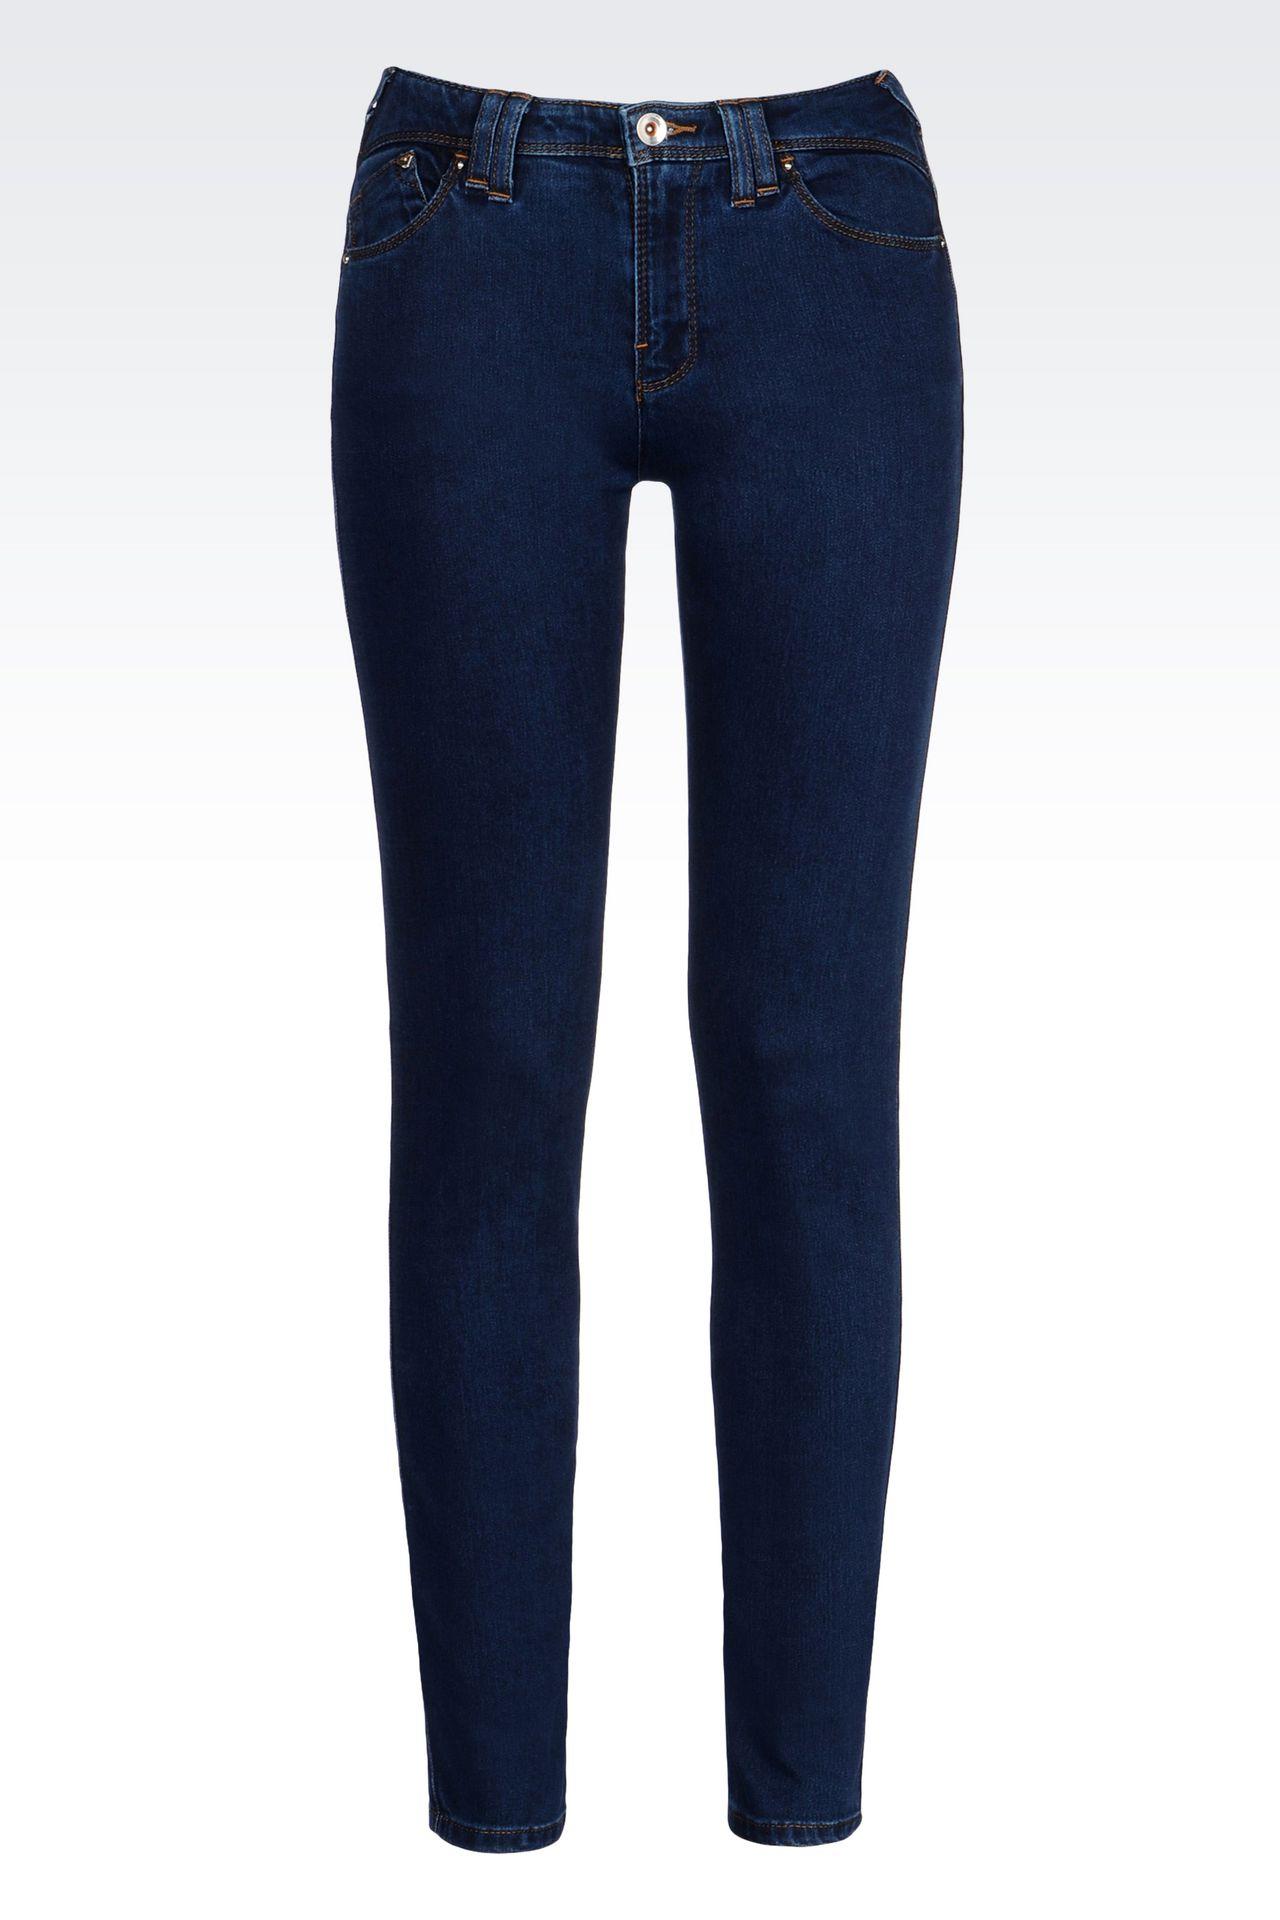 DARK WASH STRETCH LEGGINGS: Jeans Women by Armani - 0